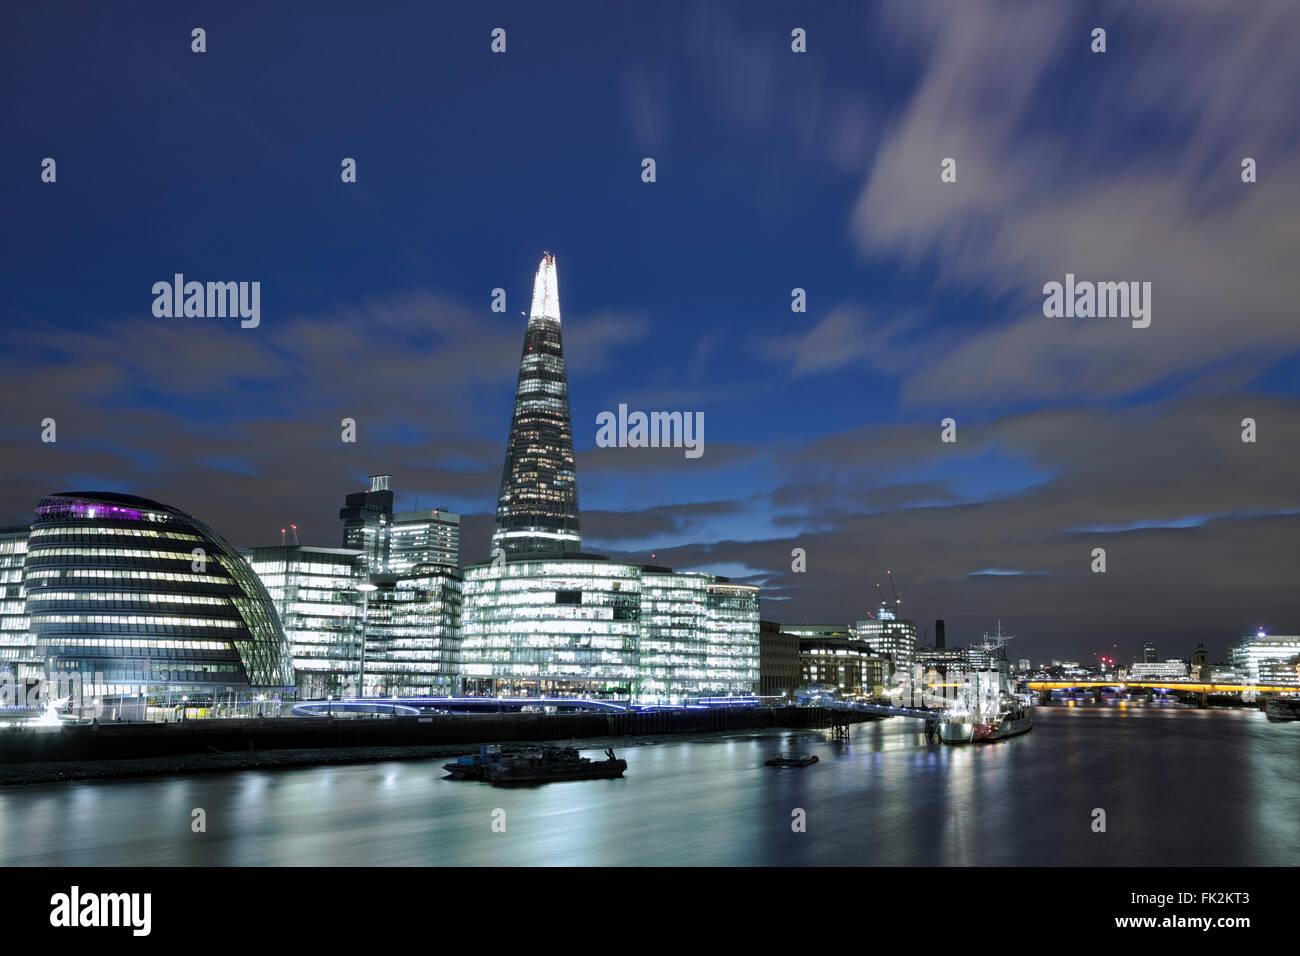 Vue de la rive sud de la Tamise à Southwark de nuit montrant l'Hôtel de Ville et le tesson Photo Stock